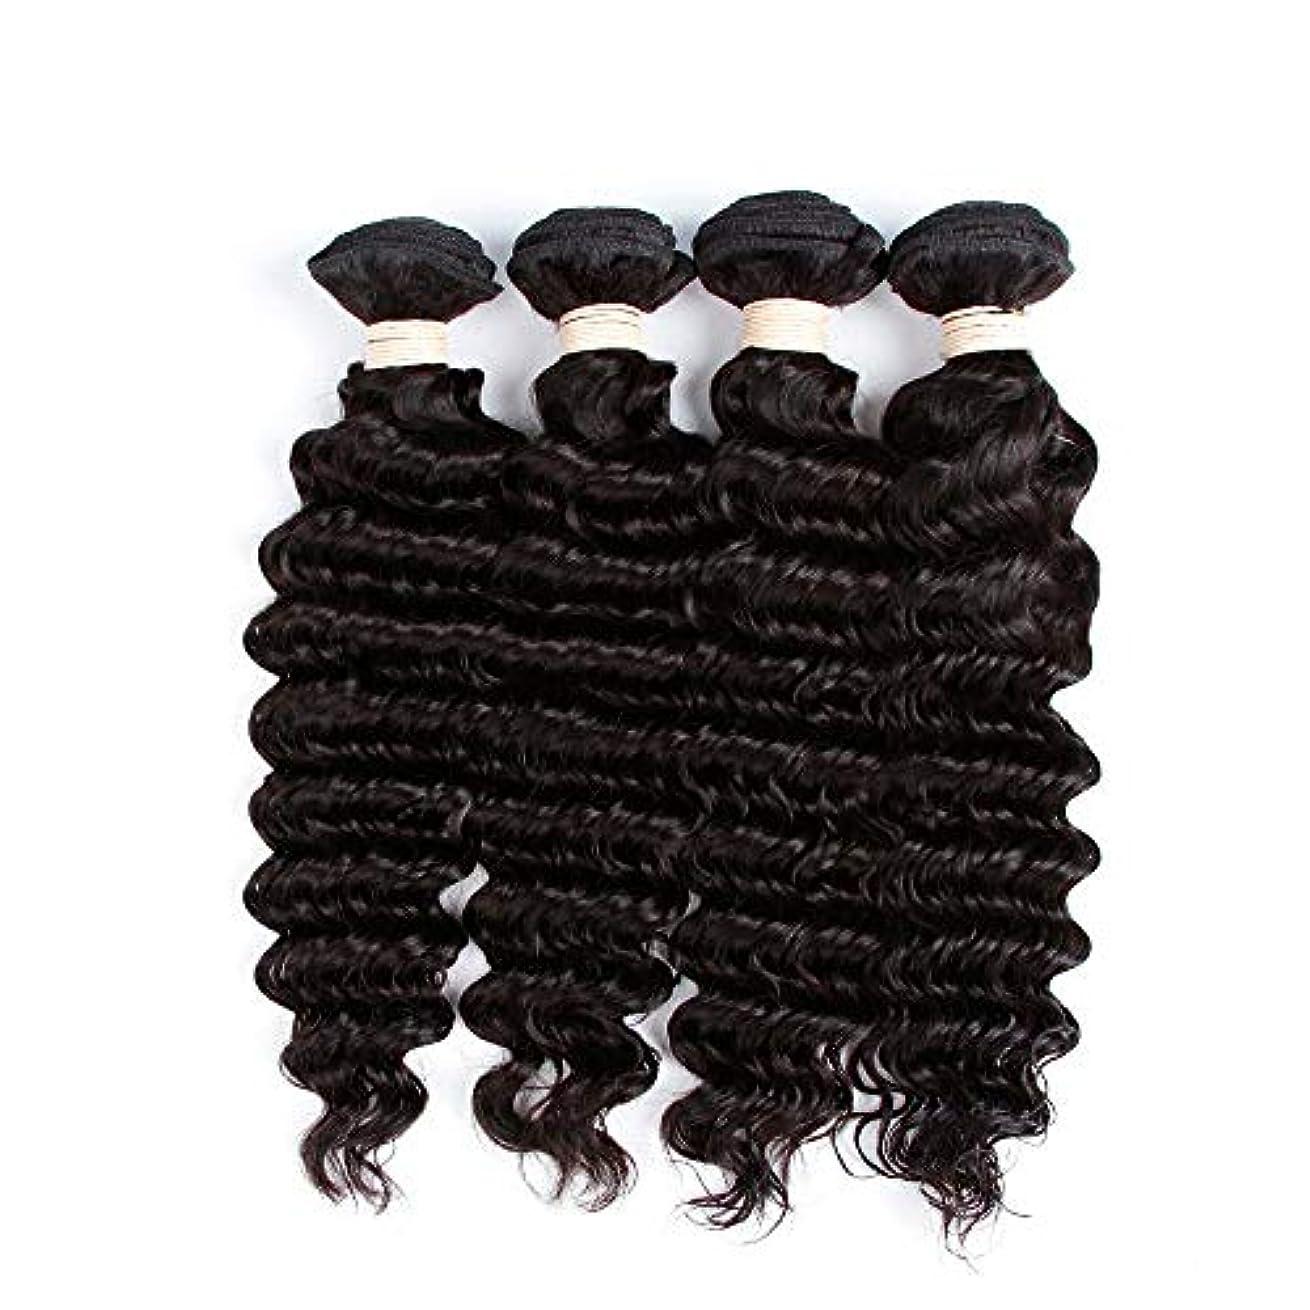 侮辱肥沃なマグHOHYLLYA 未処理のブラジルの深い巻き毛の束本物の人間のバージンヘアエクステンション - 1束#1Bナチュラルカラー(100 +/- 5g)/ pc女性複合かつらレースかつらロールプレイングかつら (色 : 黒,...